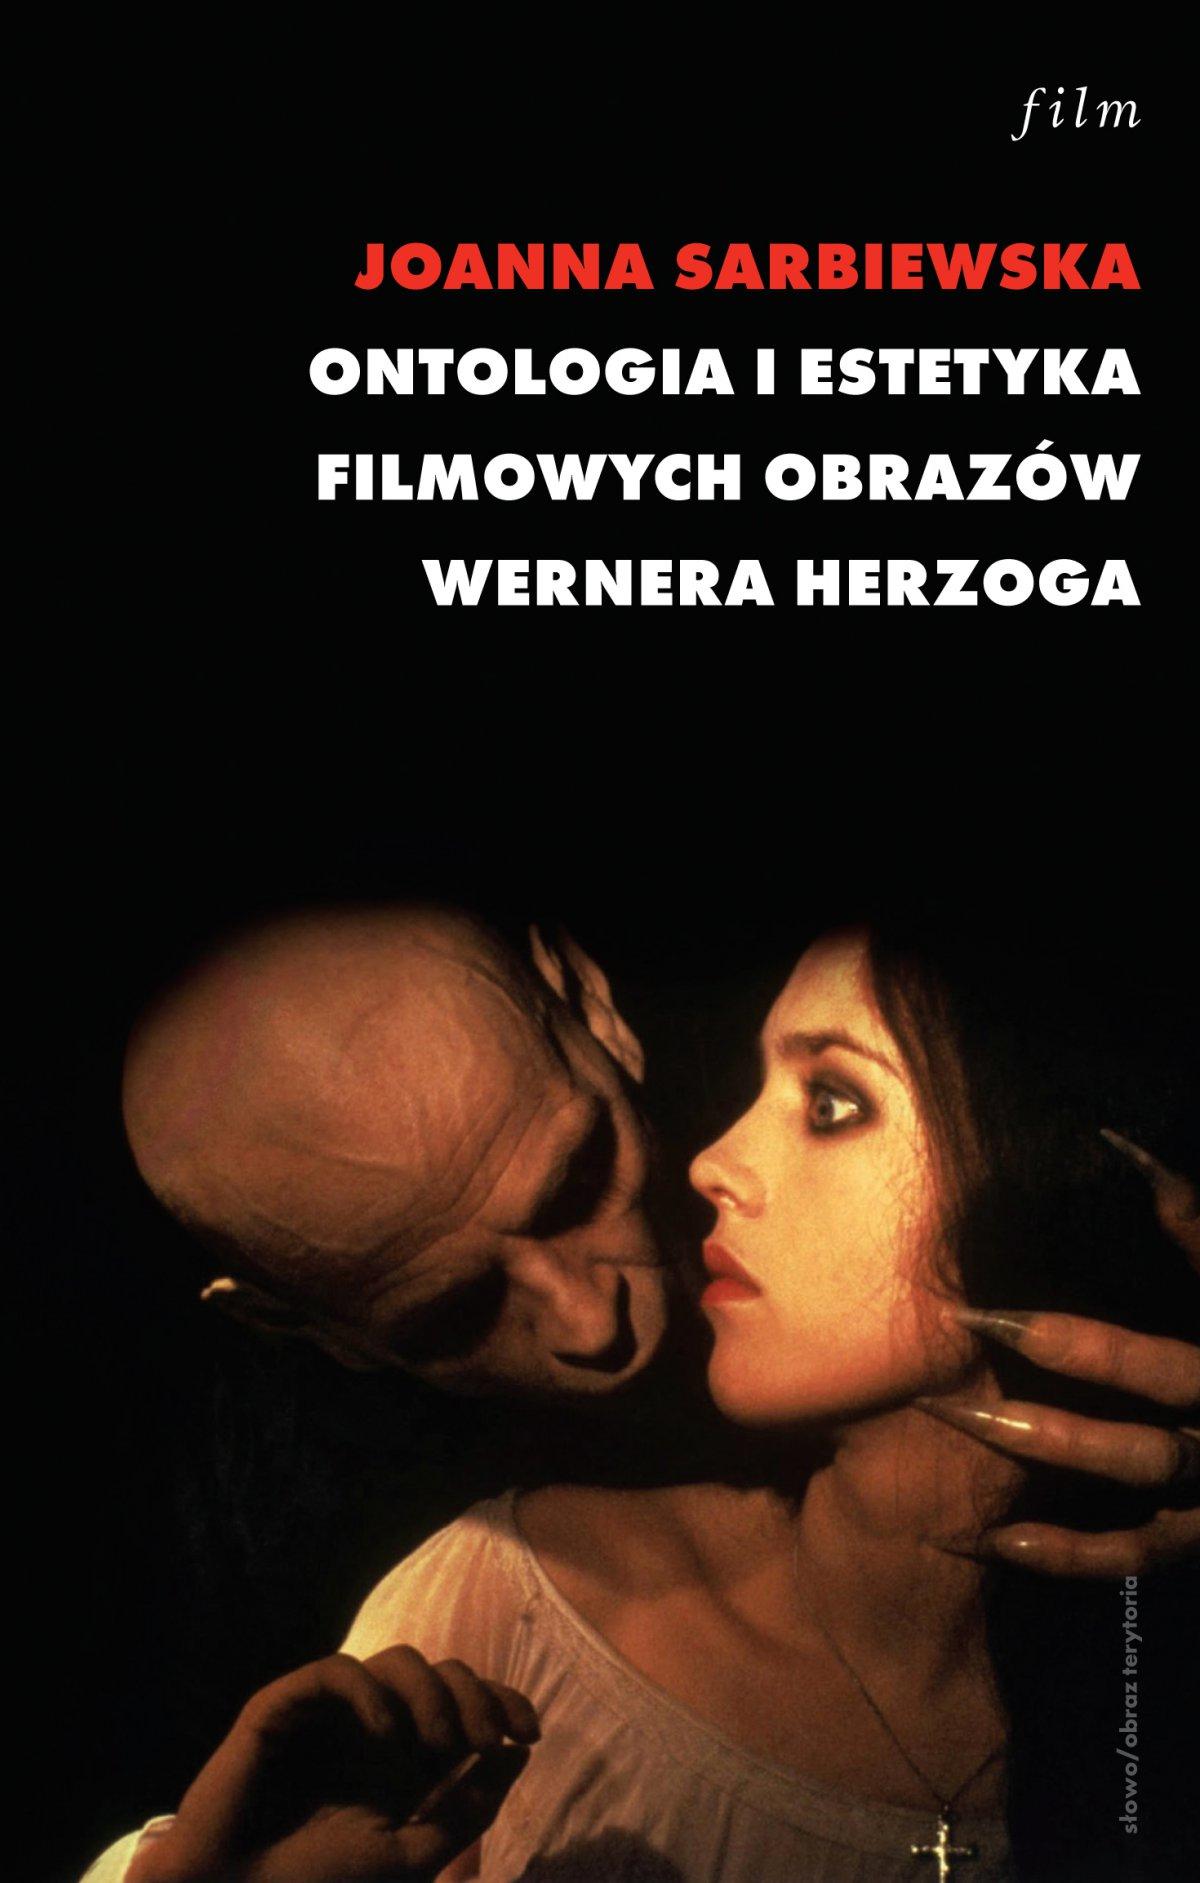 Ontologia i estetyka filmowych obrazów Wernera Herzoga - Ebook (Książka na Kindle) do pobrania w formacie MOBI